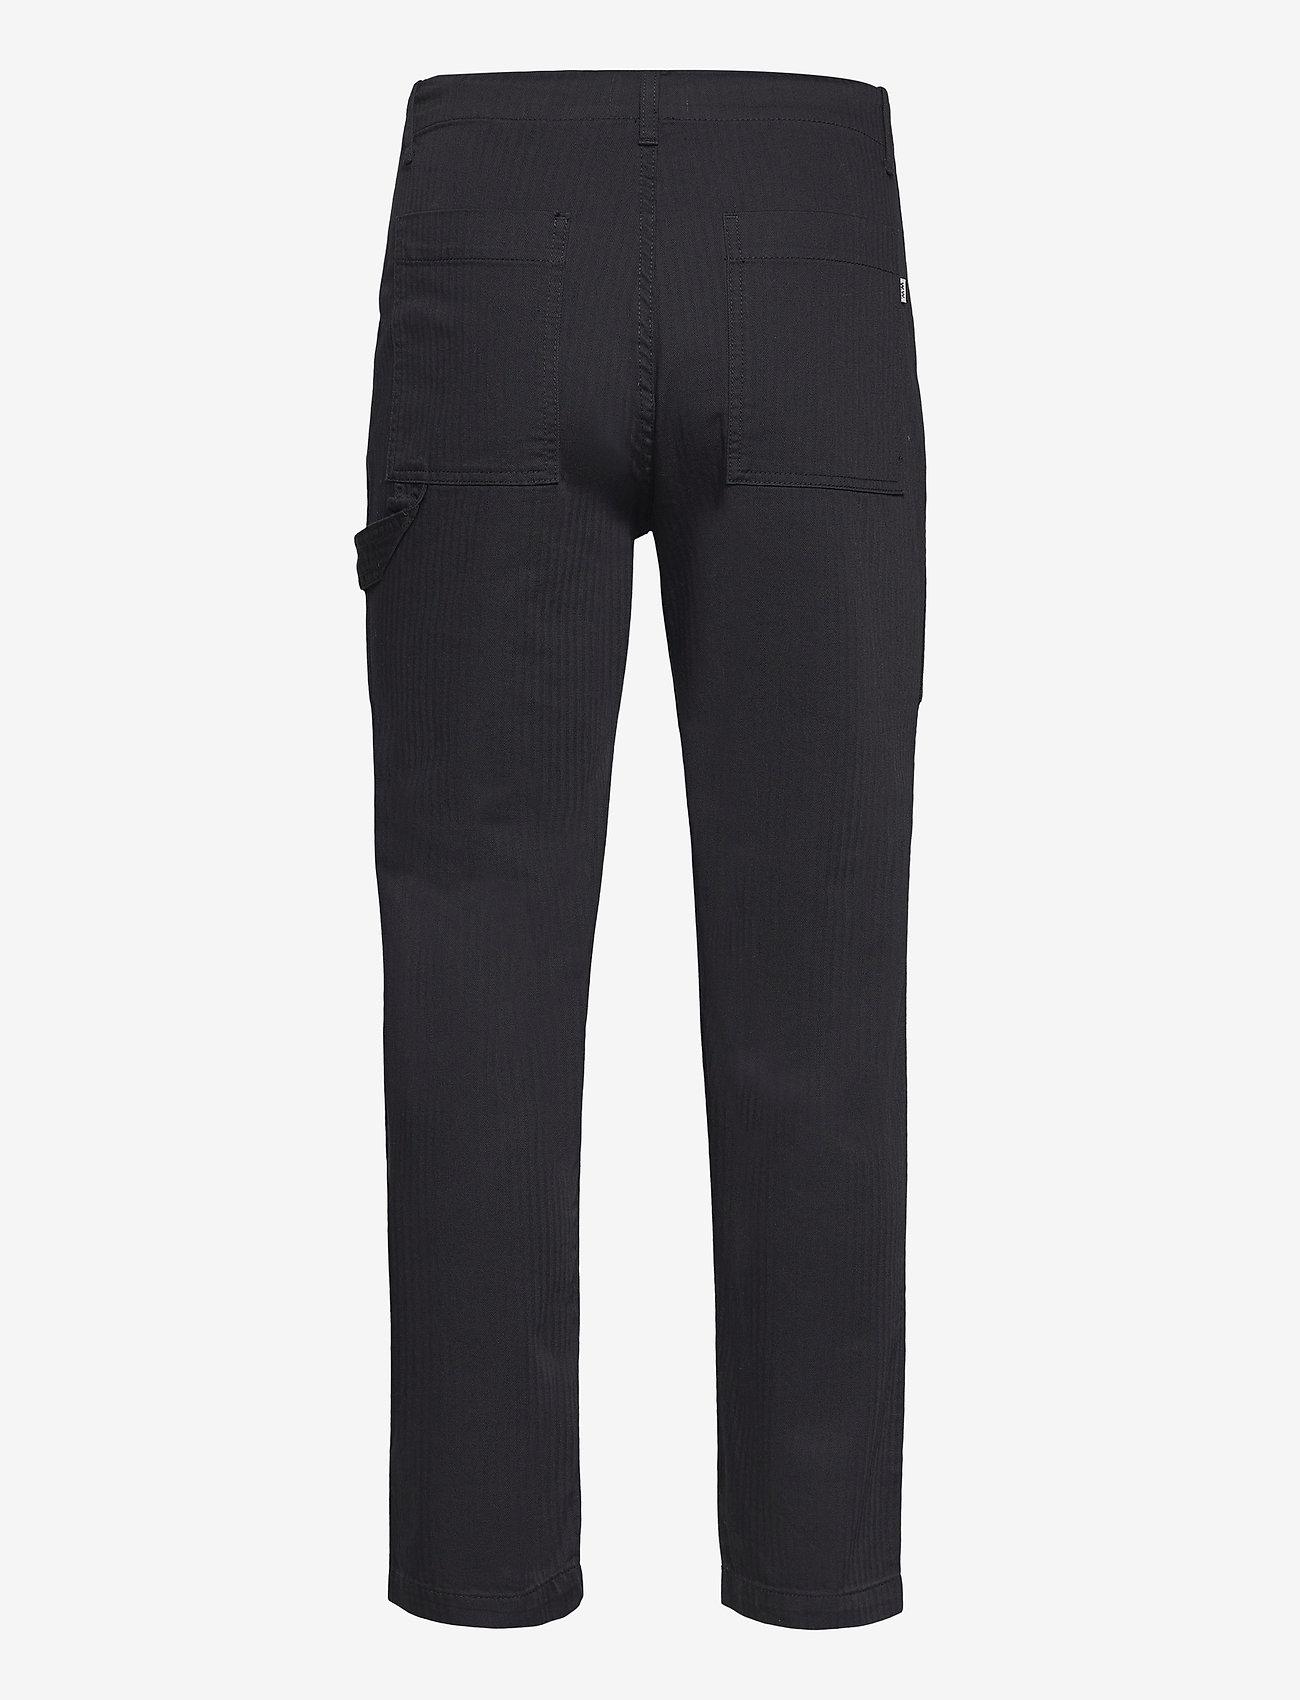 Wood Wood - Halvard trousers - cargobukser - black - 1